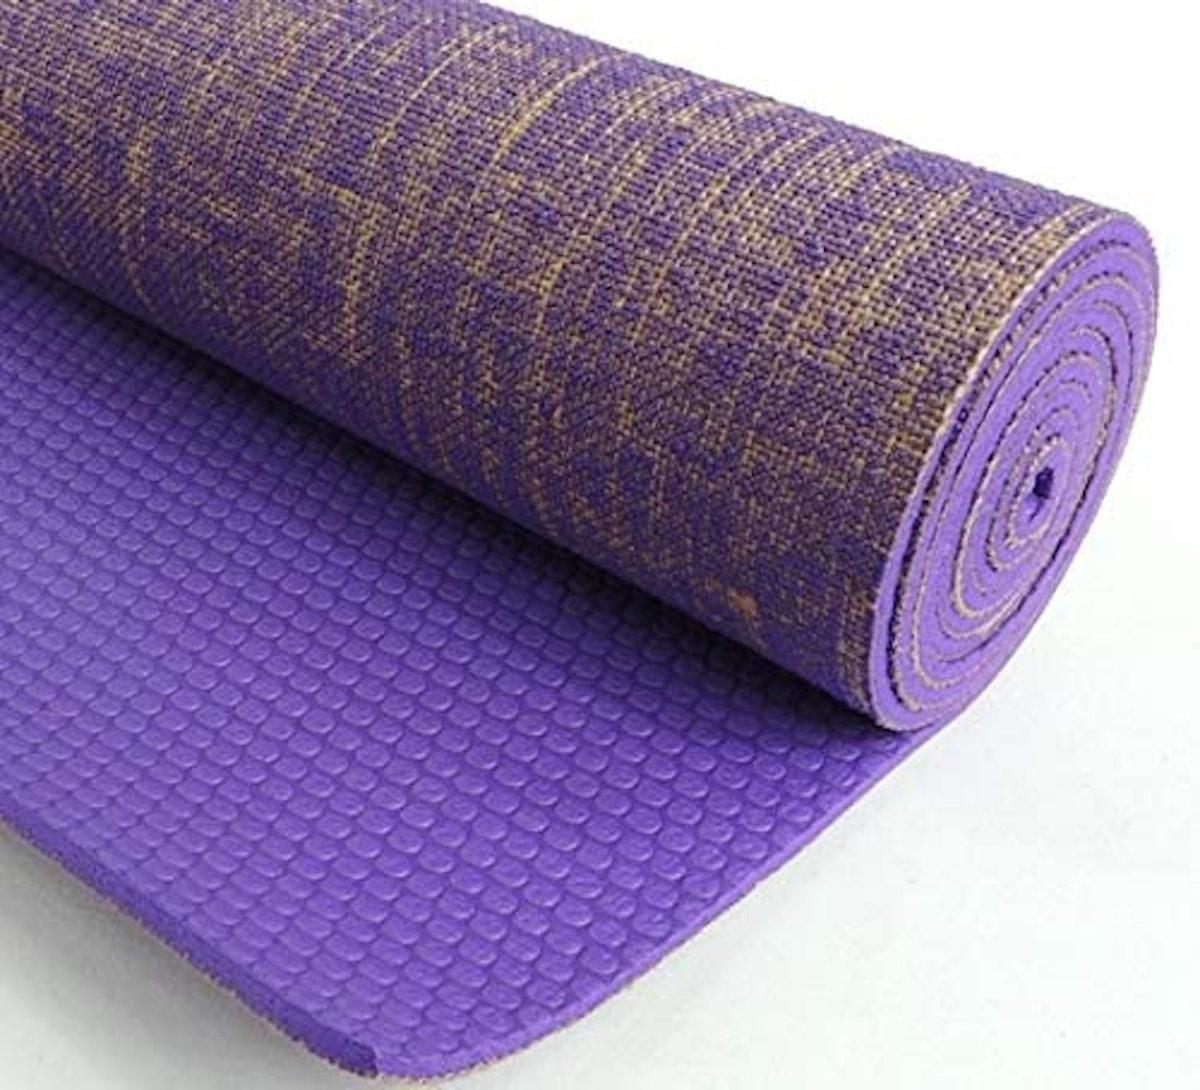 Kakaos Natural Jute Yoga Mat